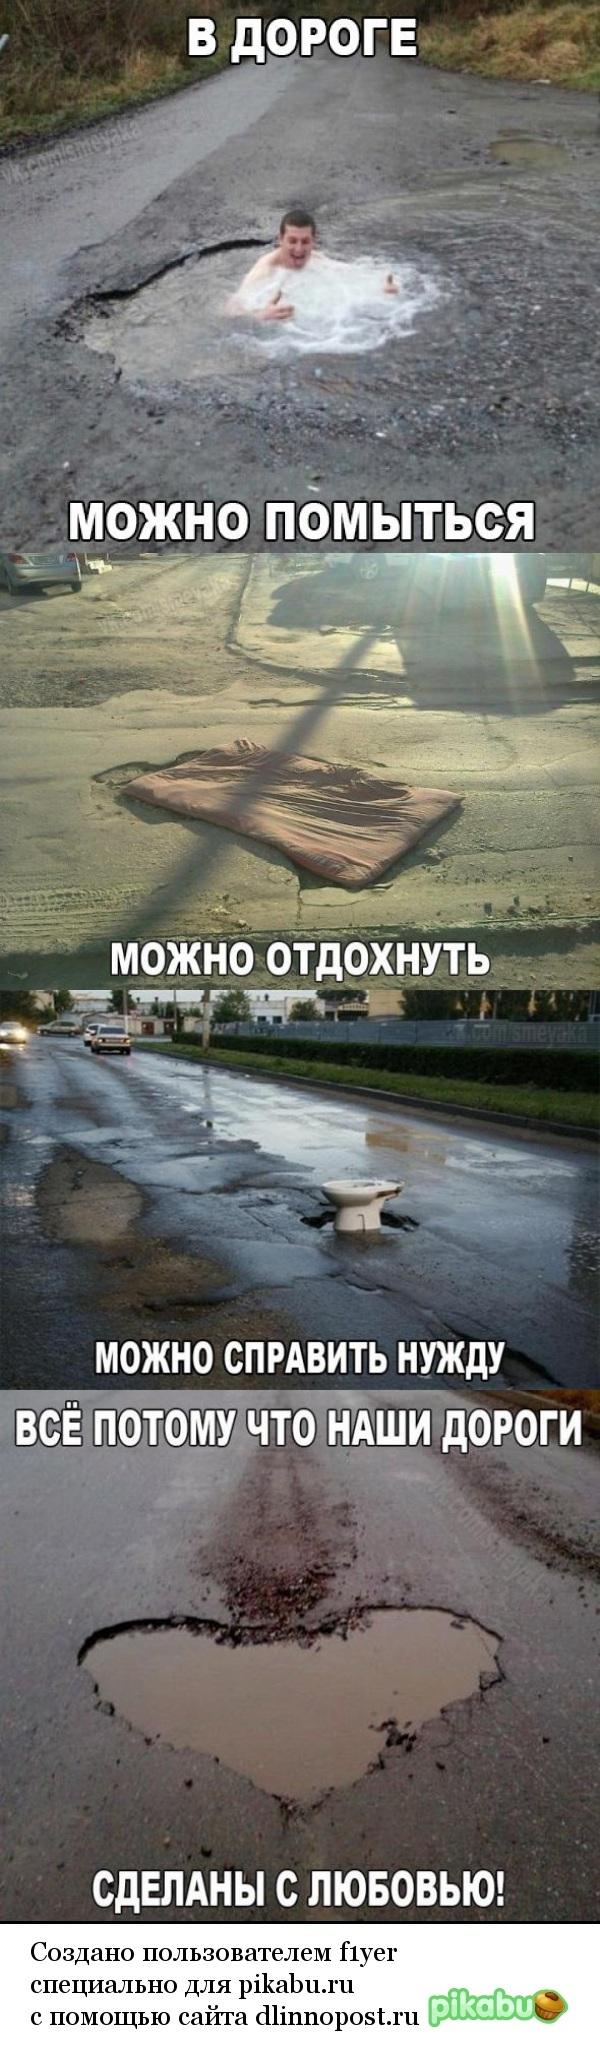 Наши дороги. дорога, юмор, прикол, наша раша, длиннопост